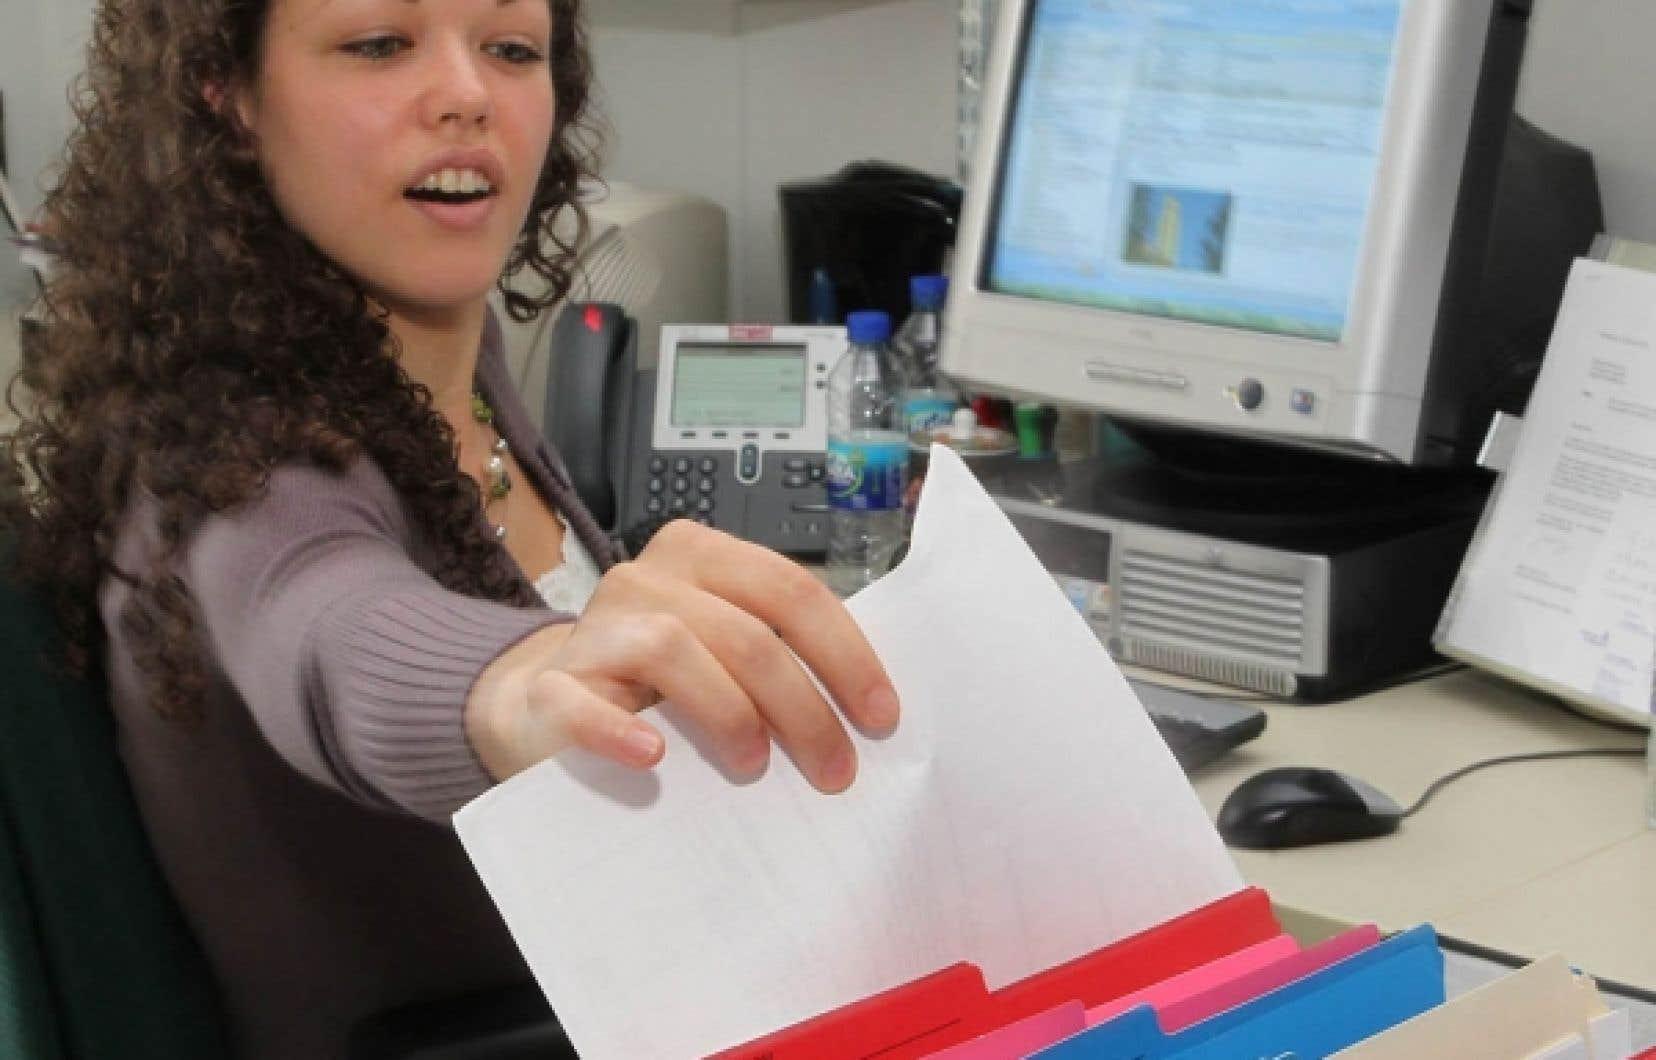 Éliane Dusablon, technicienne en travail de bureau au Département de chirurgie de la Faculté de médecine de l'Université de Montréal, considère son travail comme un milieu «stimulant et valorisant», où la débrouillardise est de rigueur.